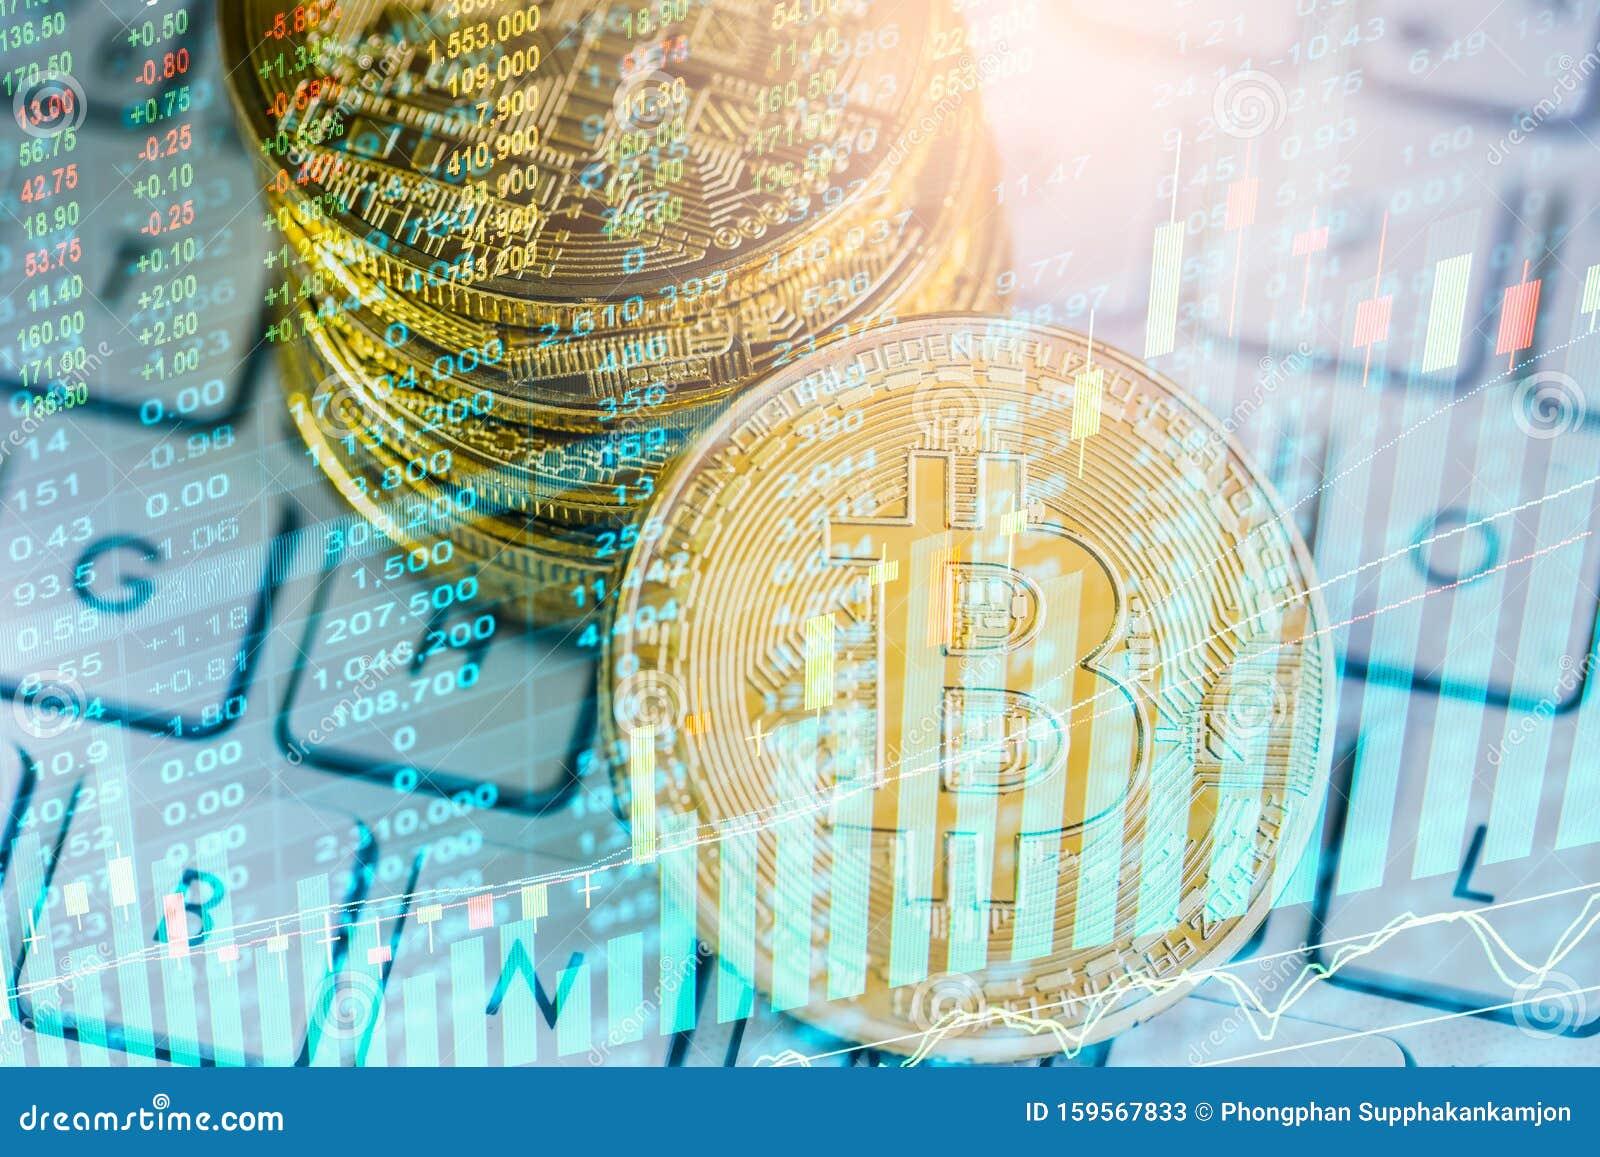 bitcoin scambio virtuale)